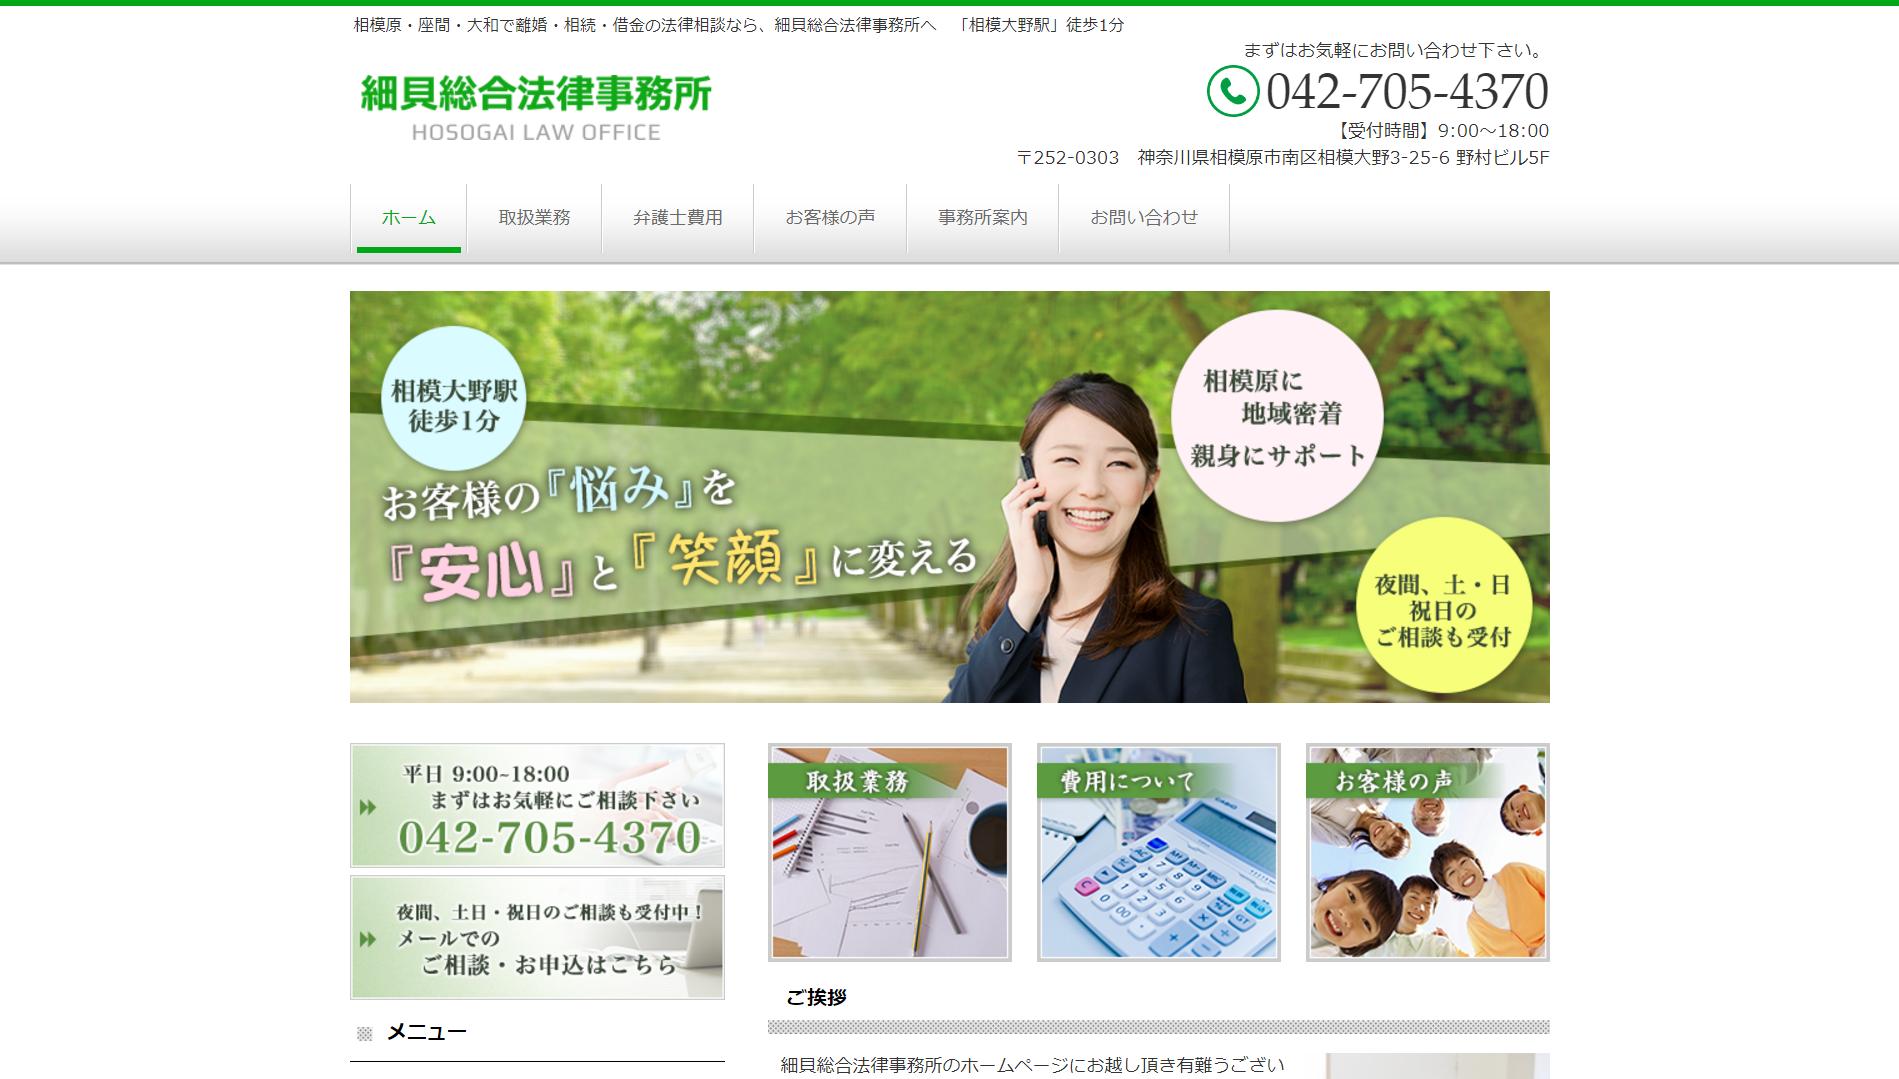 細貝総合法律事務所(神奈川県相模原市南区)